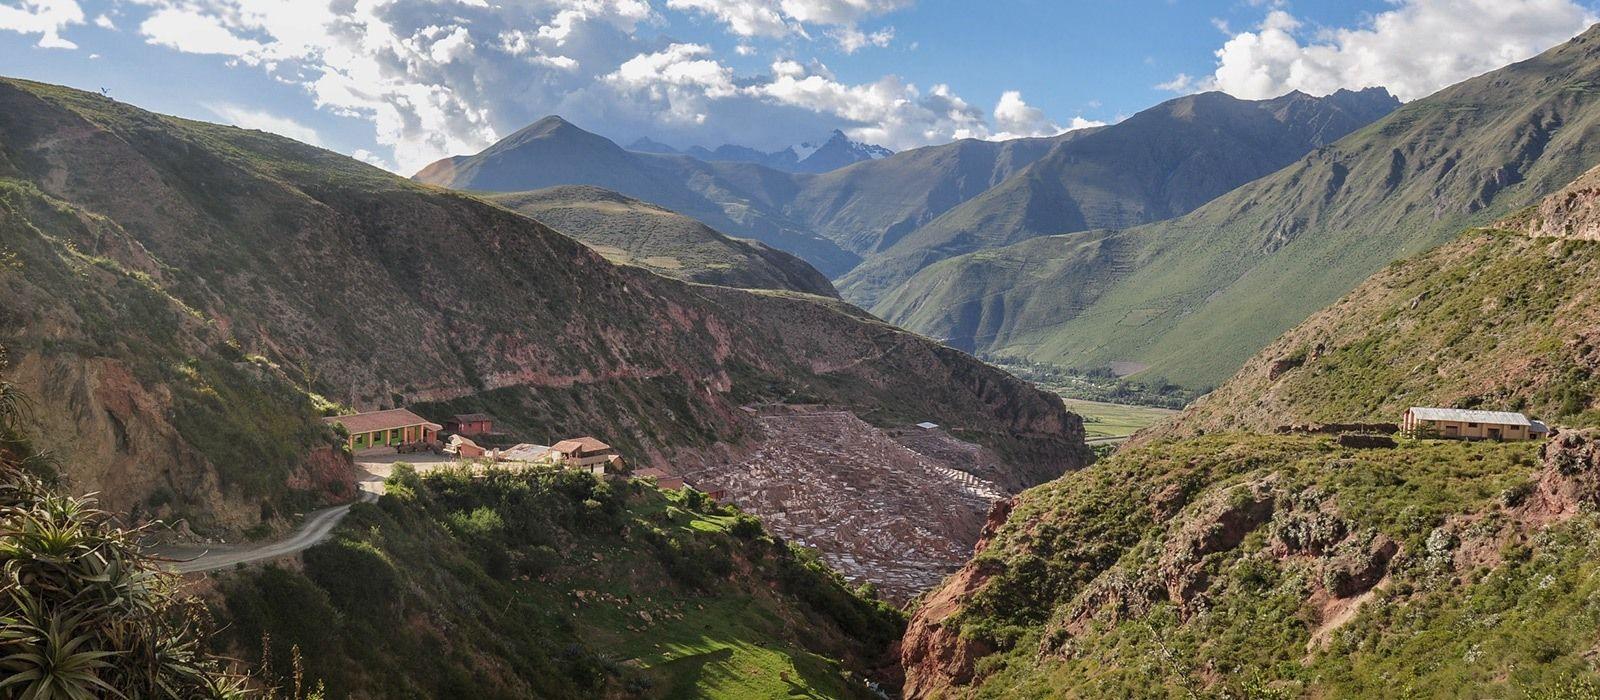 Luxusreise: Peru vom Feinsten Urlaub 5